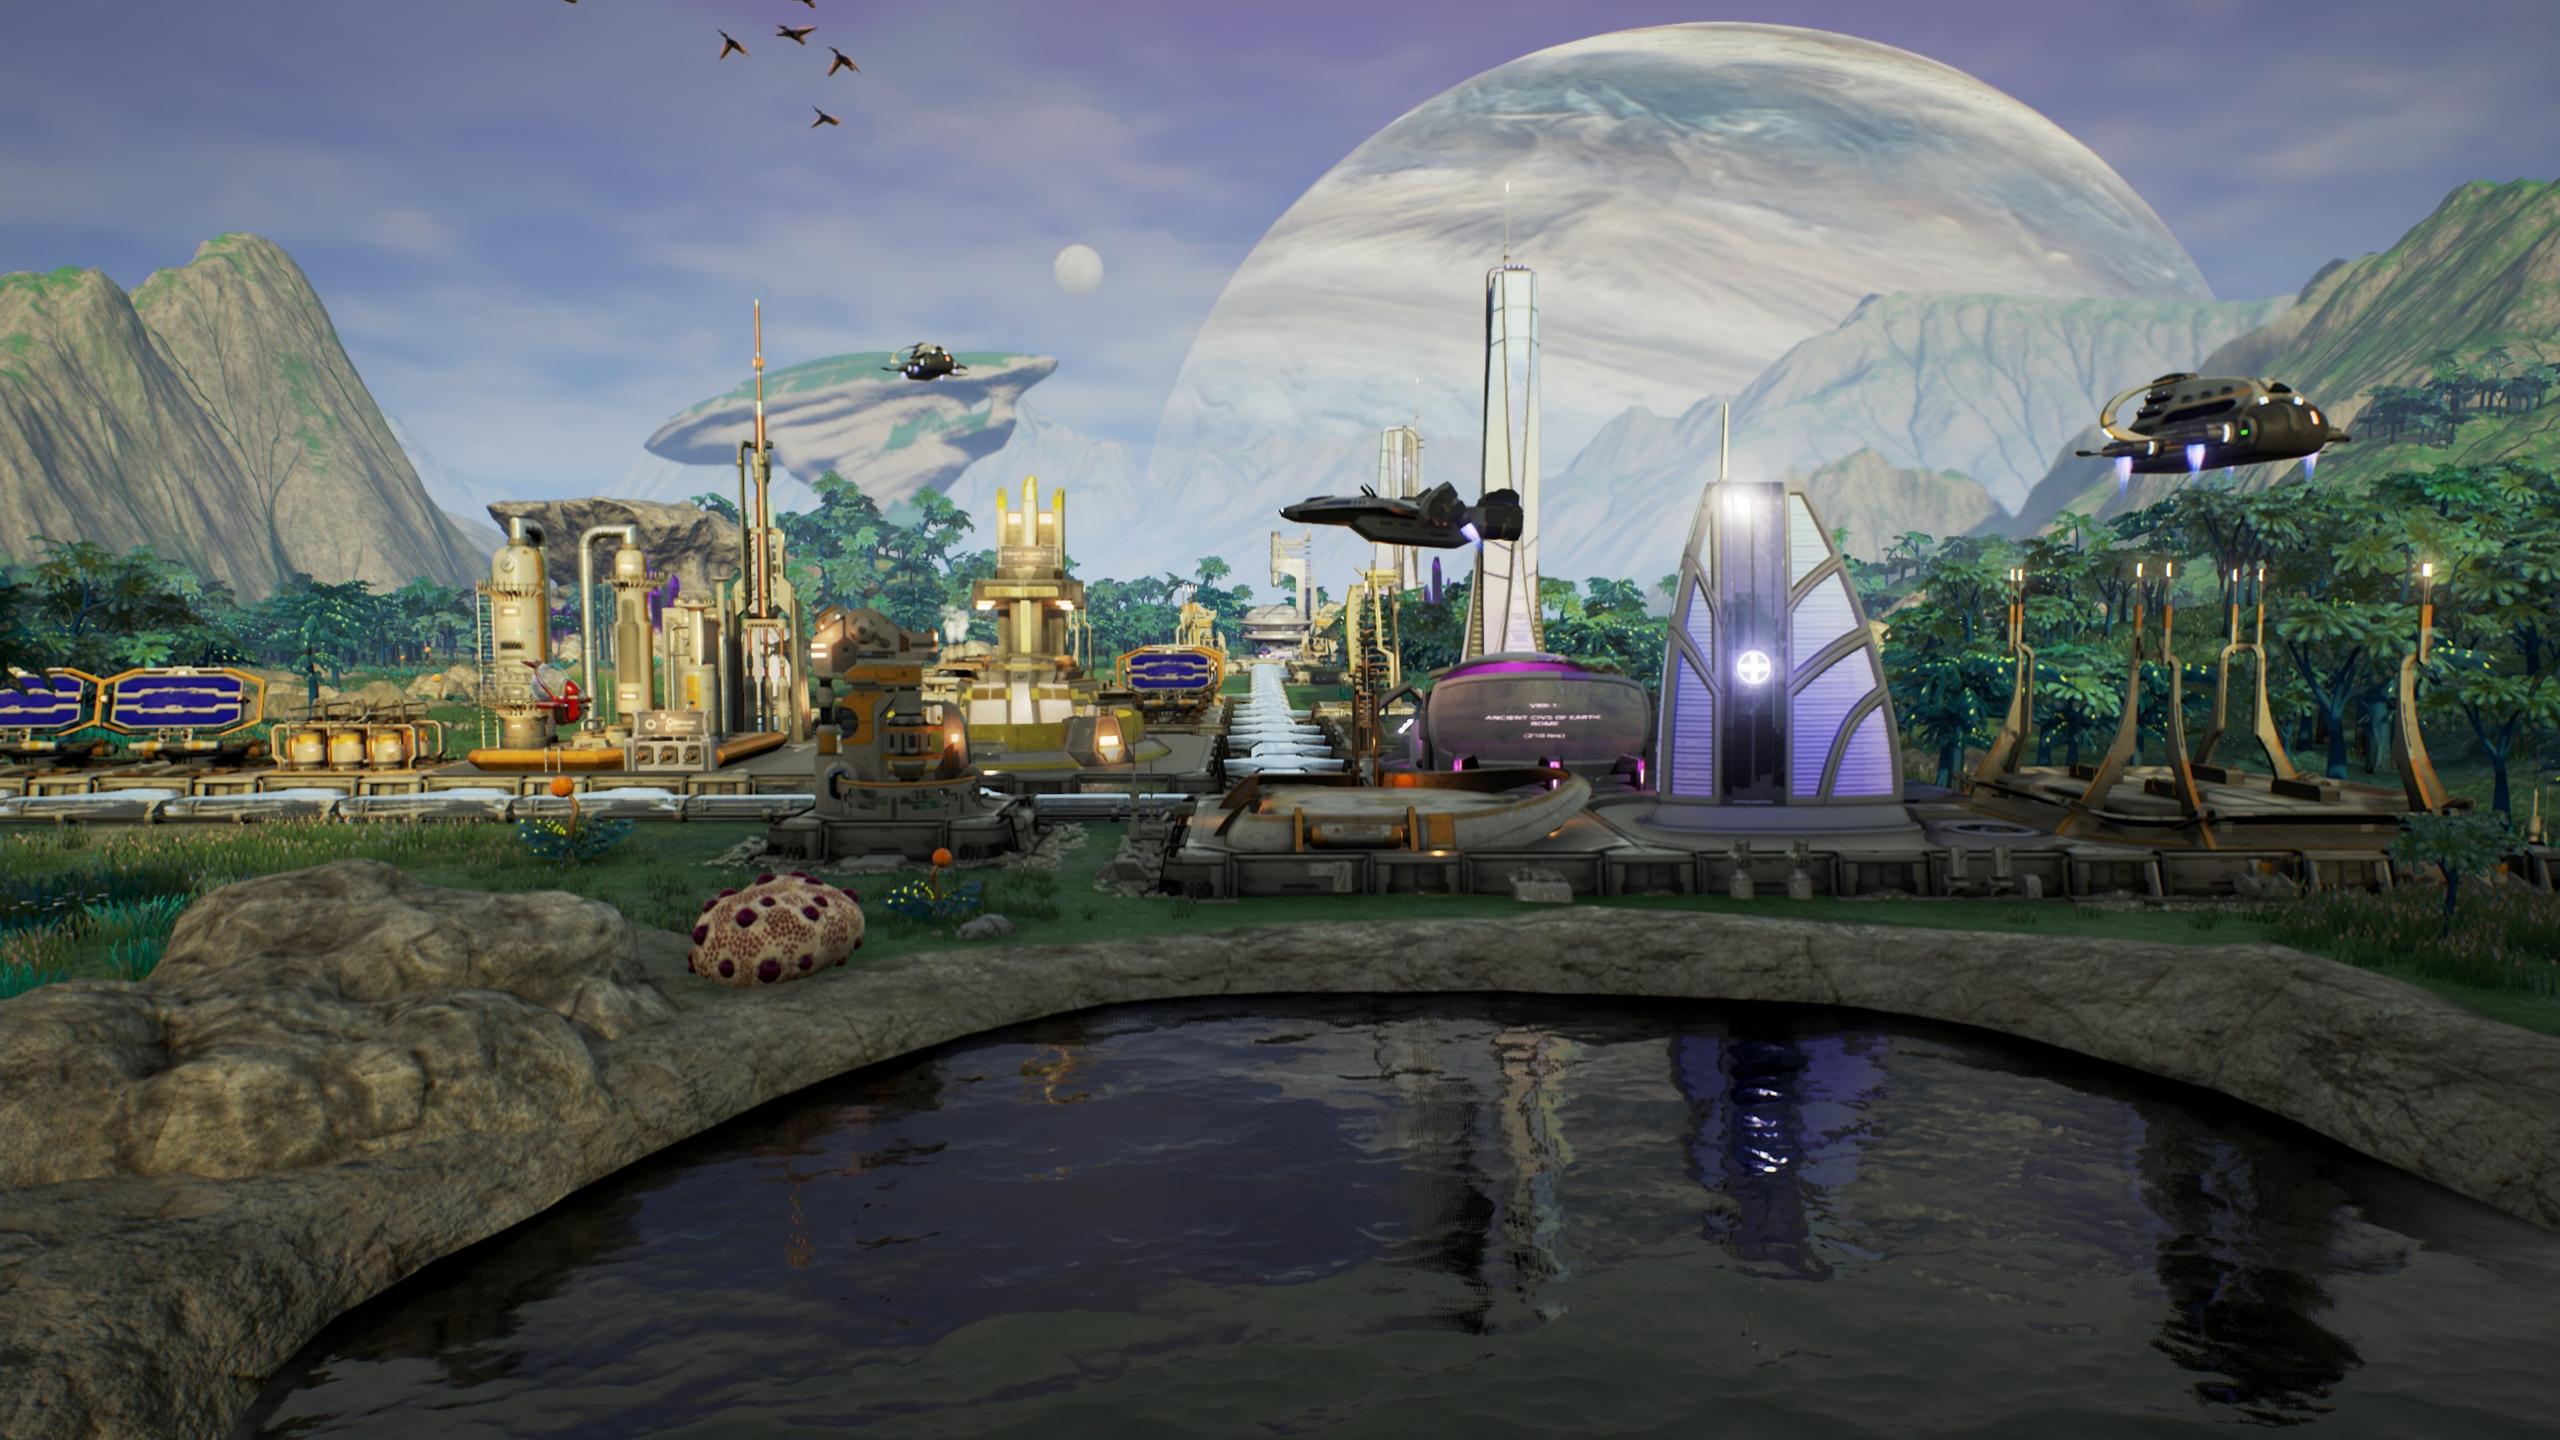 Budovatelská strategie Aven Colony vás vezme na cestu za kolonizací lidské rasy 129583